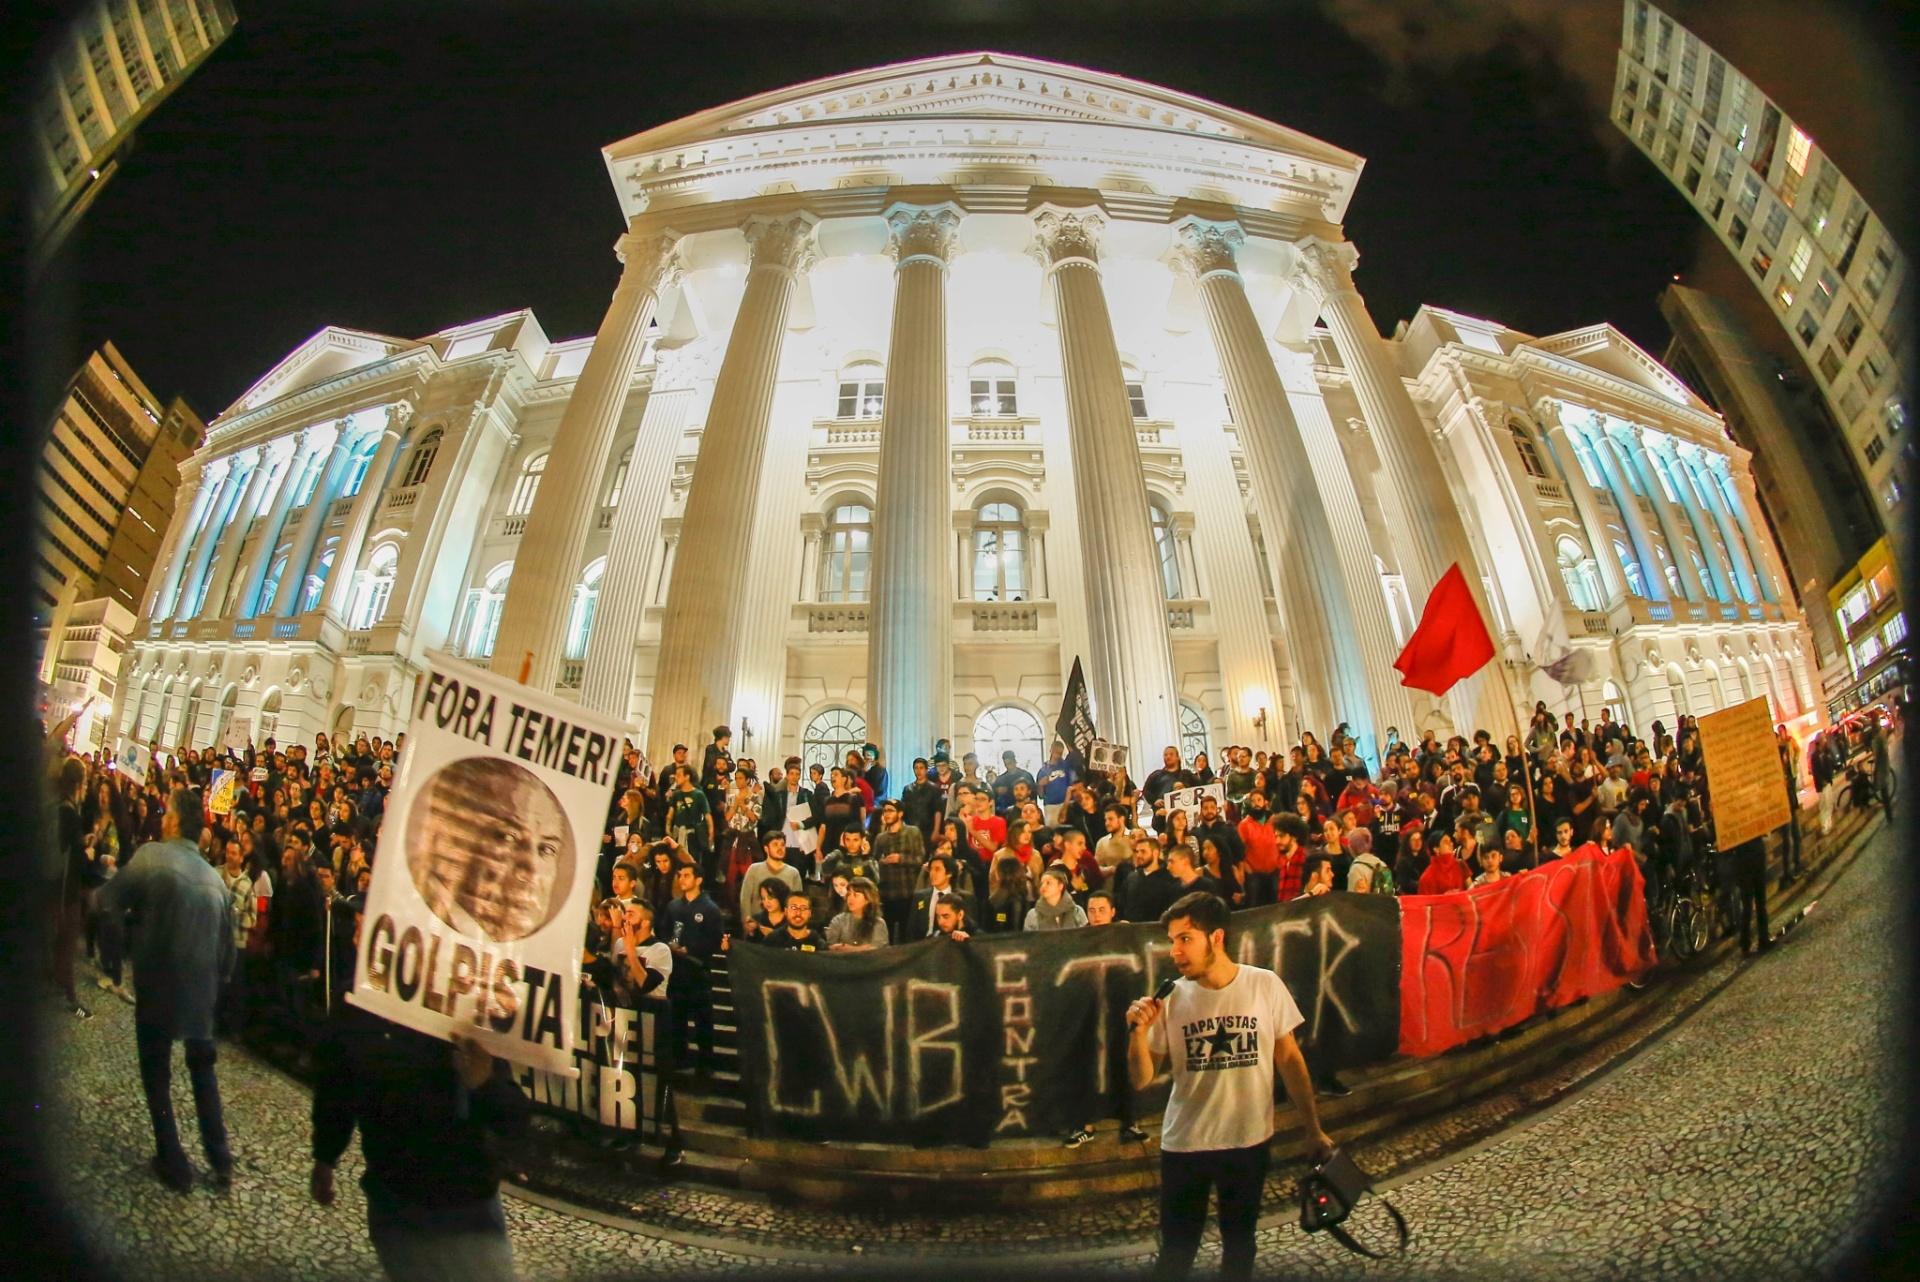 31ago2016--manifestantes-contra-o-impeachment-da-ex-presidente-dilma-rousseff-fazem-protesto-em-frente-ao-predio-da-universidade-federal-do-parana-no-centro-de-curitiba-1472695133308_1920x1282.jpg